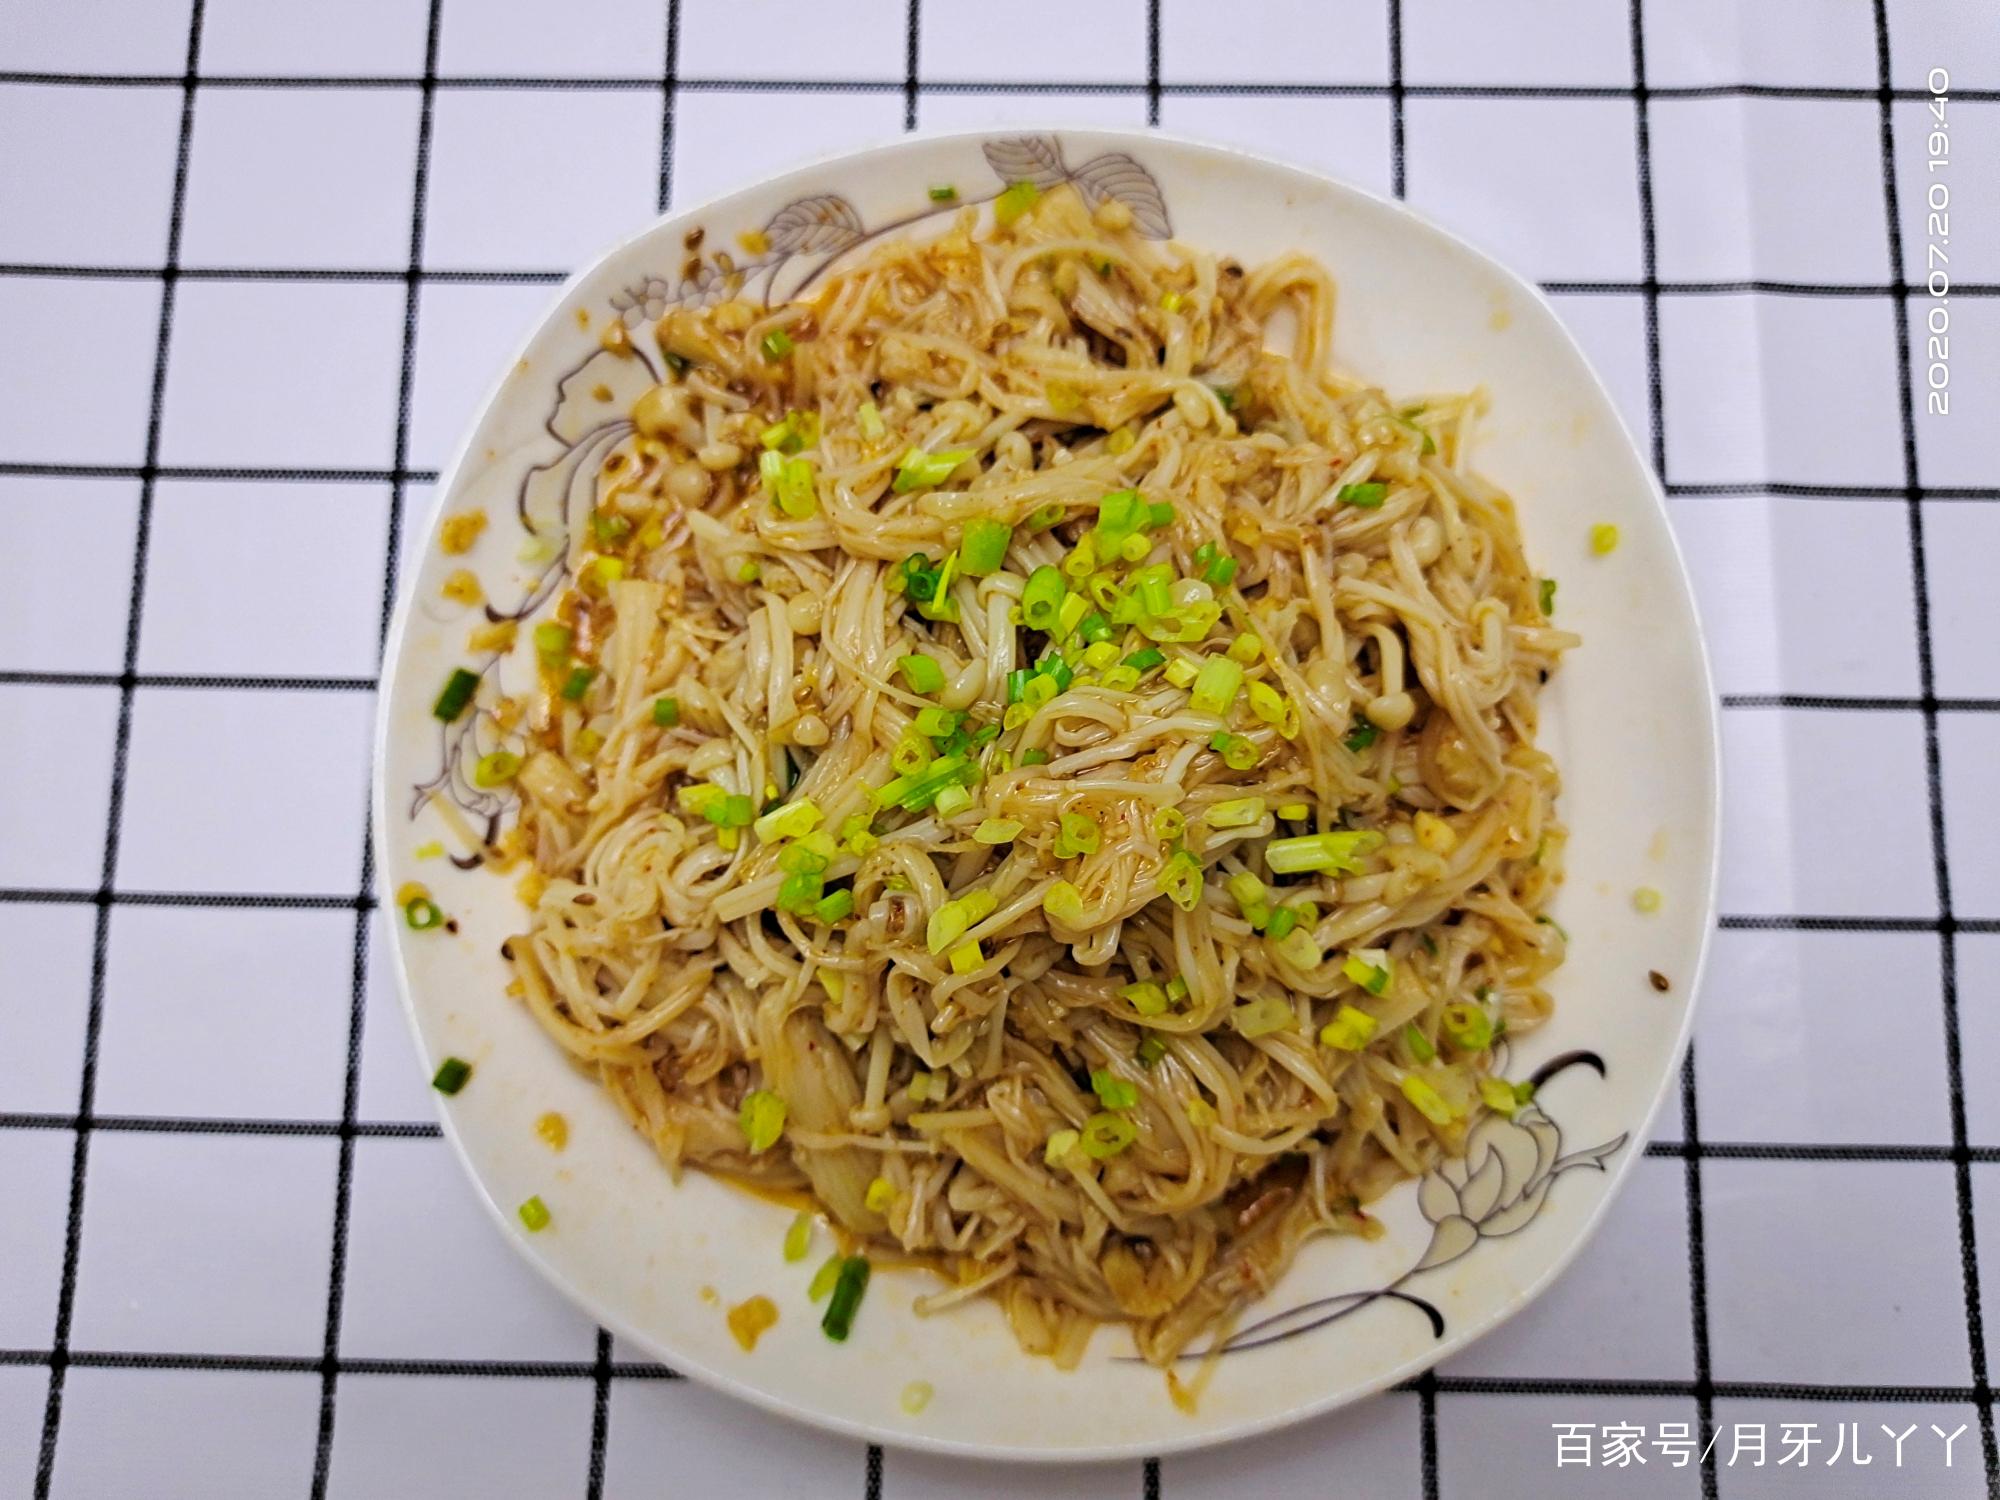 金针菇的做法大全家常_金针菇怎样炒才好吃  第1张